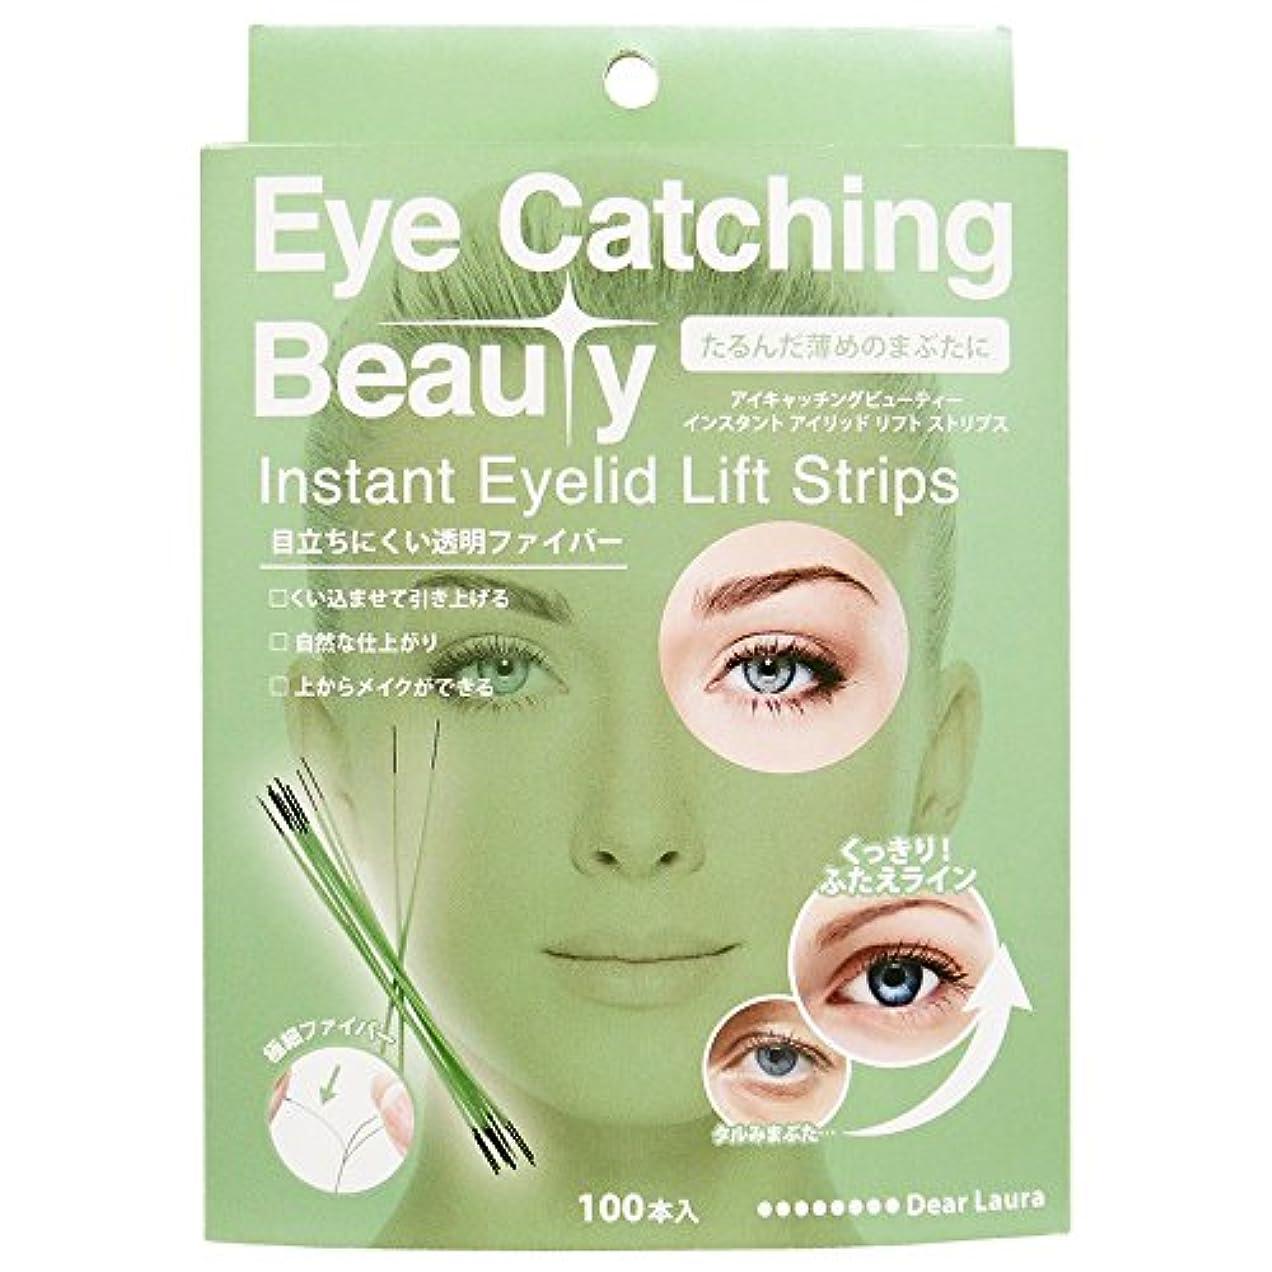 ホーム加入大胆なアイキャッチングビューティー (Eye Catching Beauty) インスタント アイリッド リフト ストリップス ECB-J03 100本